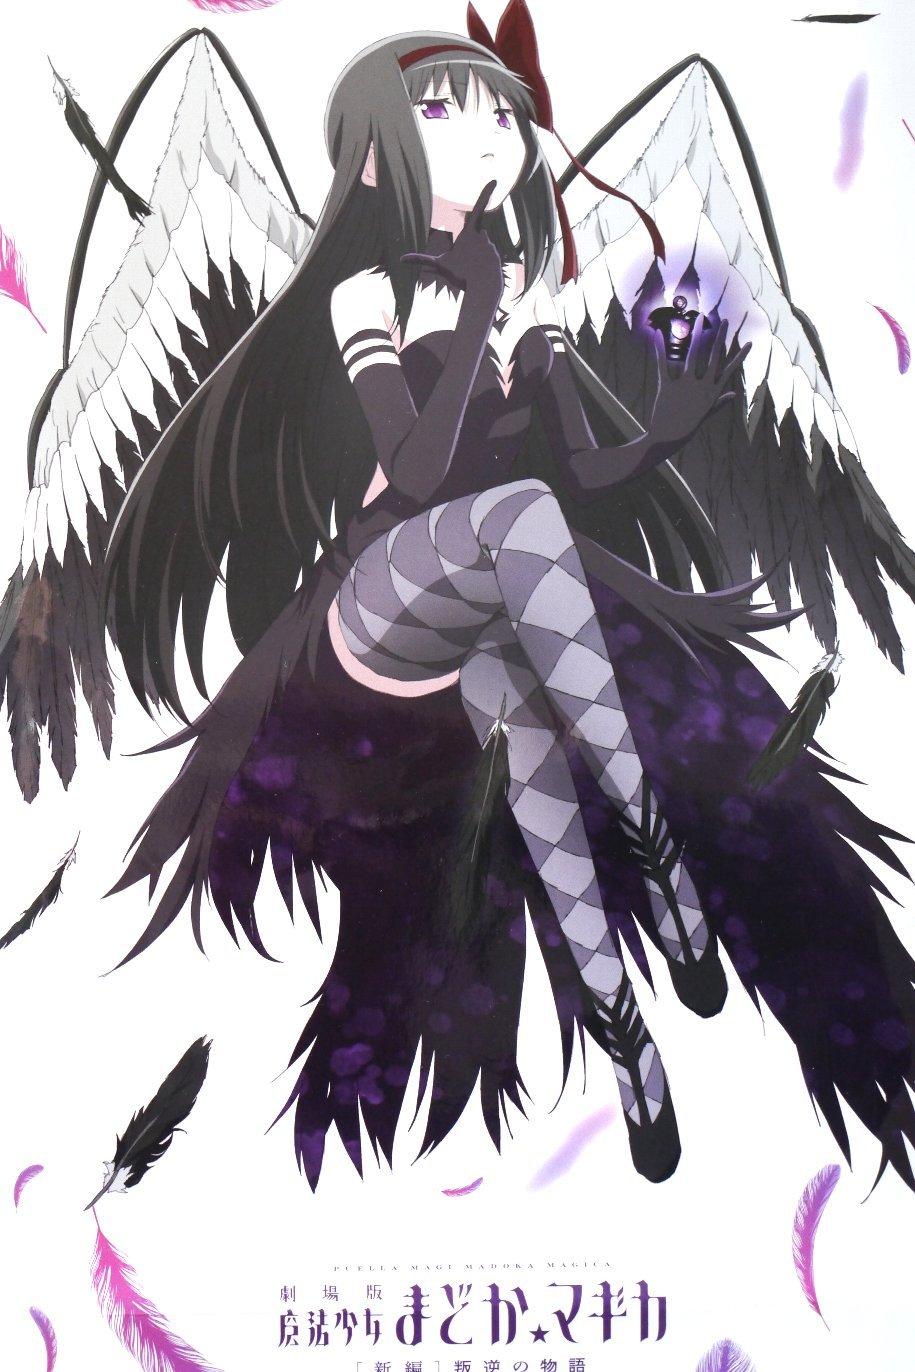 https://static.tvtropes.org/pmwiki/pub/images/62_anime_homucifer_homura_madoka.jpg